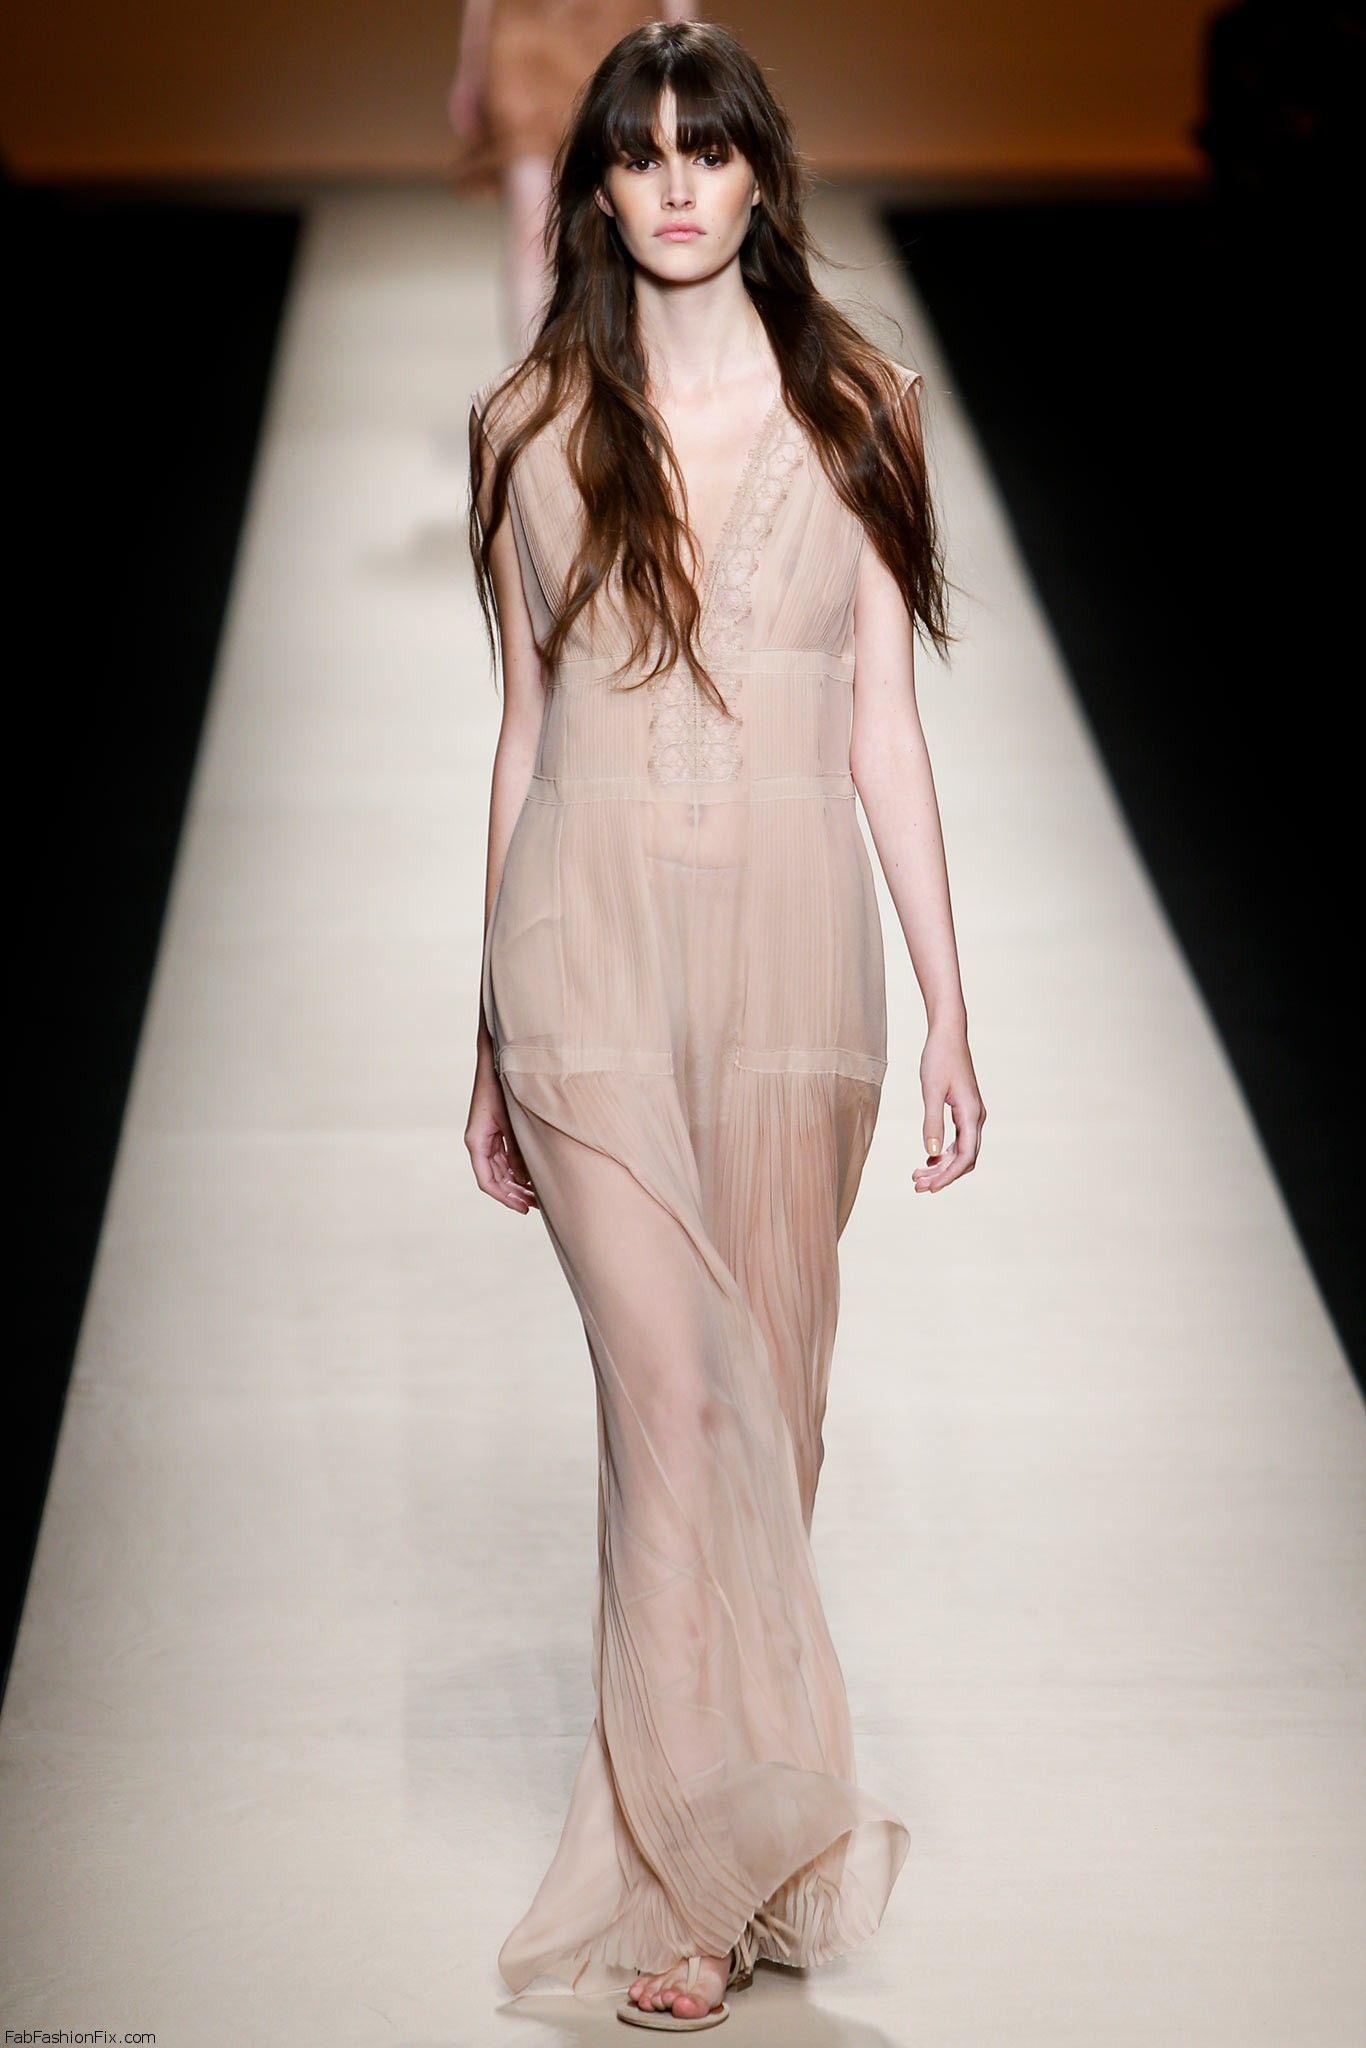 Fix My Car >> Alberta Ferretti spring/summer 2015 collection – Milan fashion week | Fab Fashion Fix